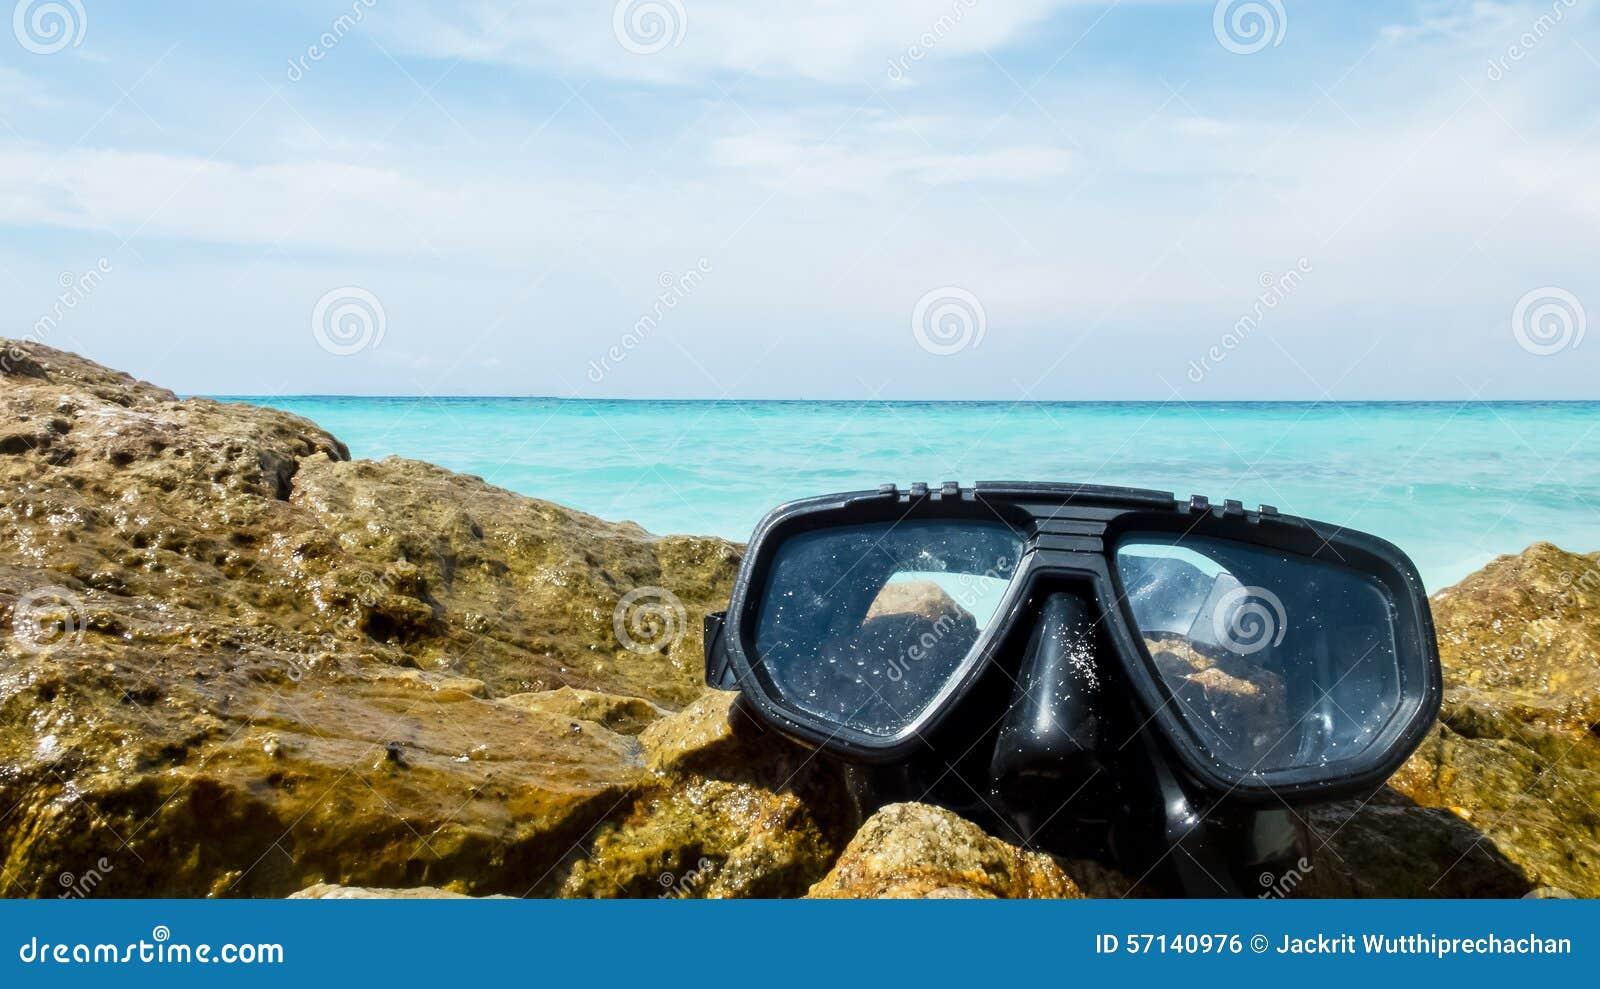 Ferien-Anfangshier Konzept, Sporttauchen-Ausrüstung auf dem weißes Seestein mit Crystal Clear Sea und Himmel im Hintergrund benut